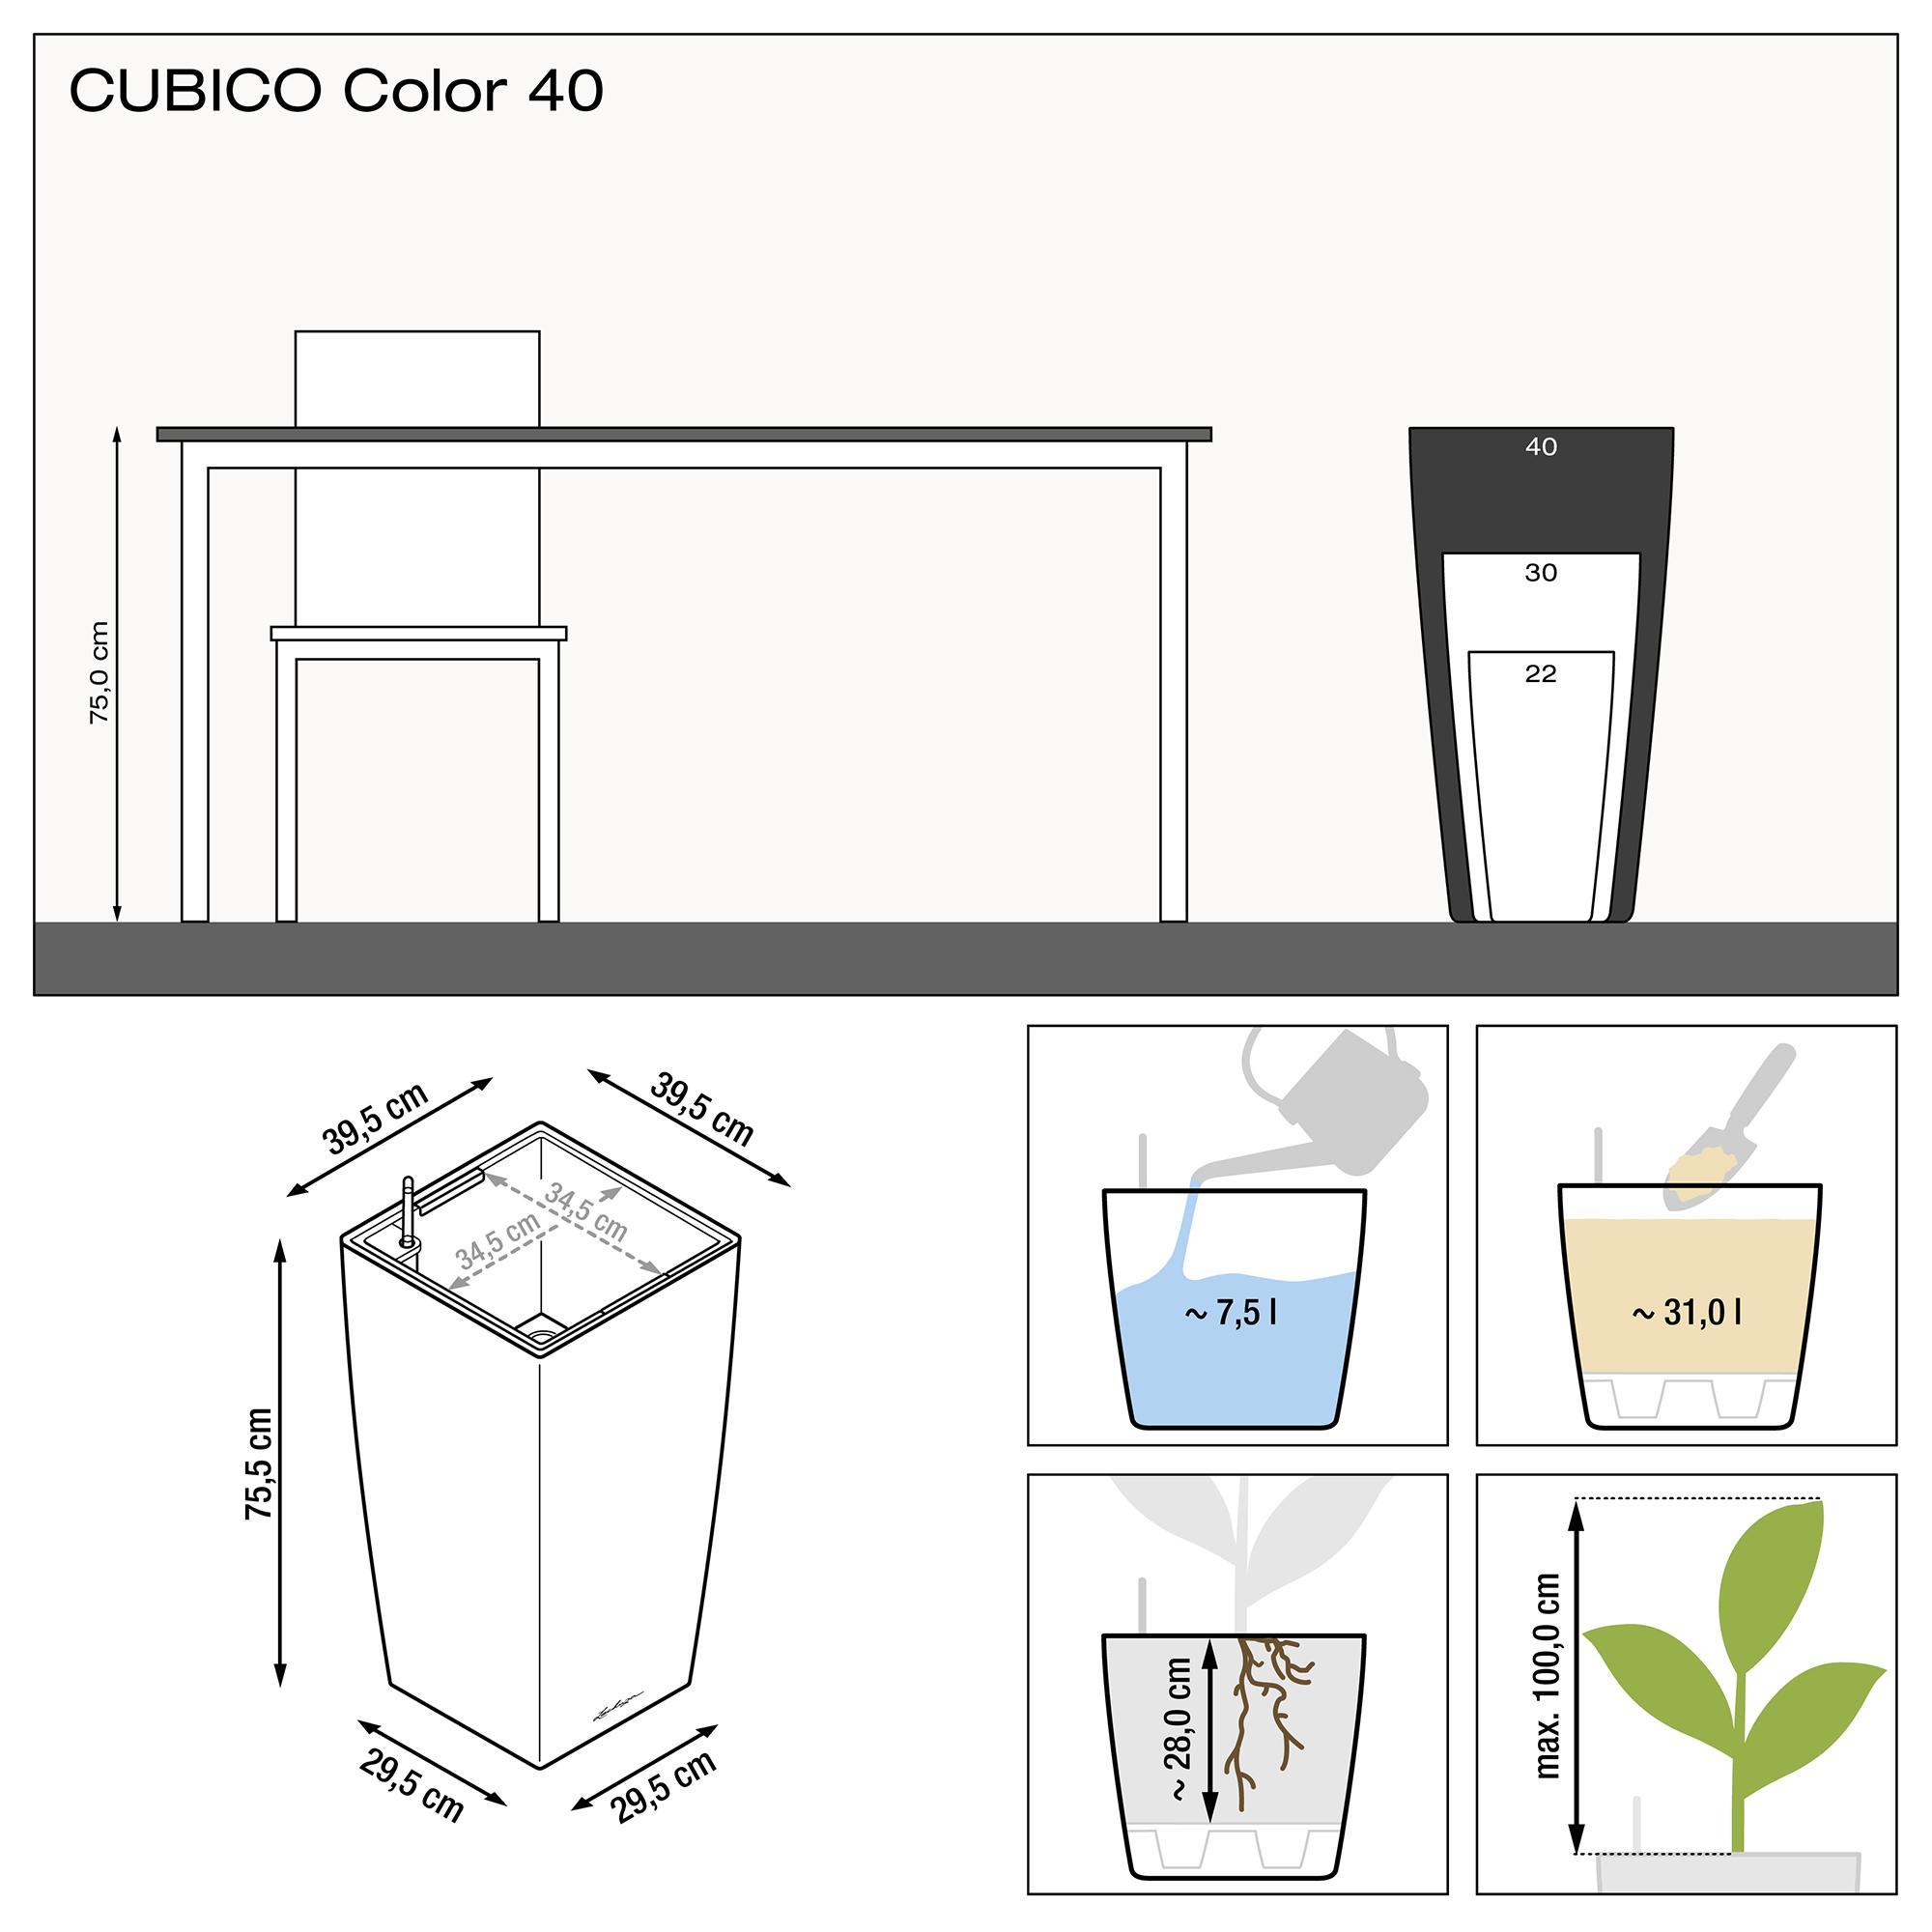 CUBICO Color 40 blanc - Image 3